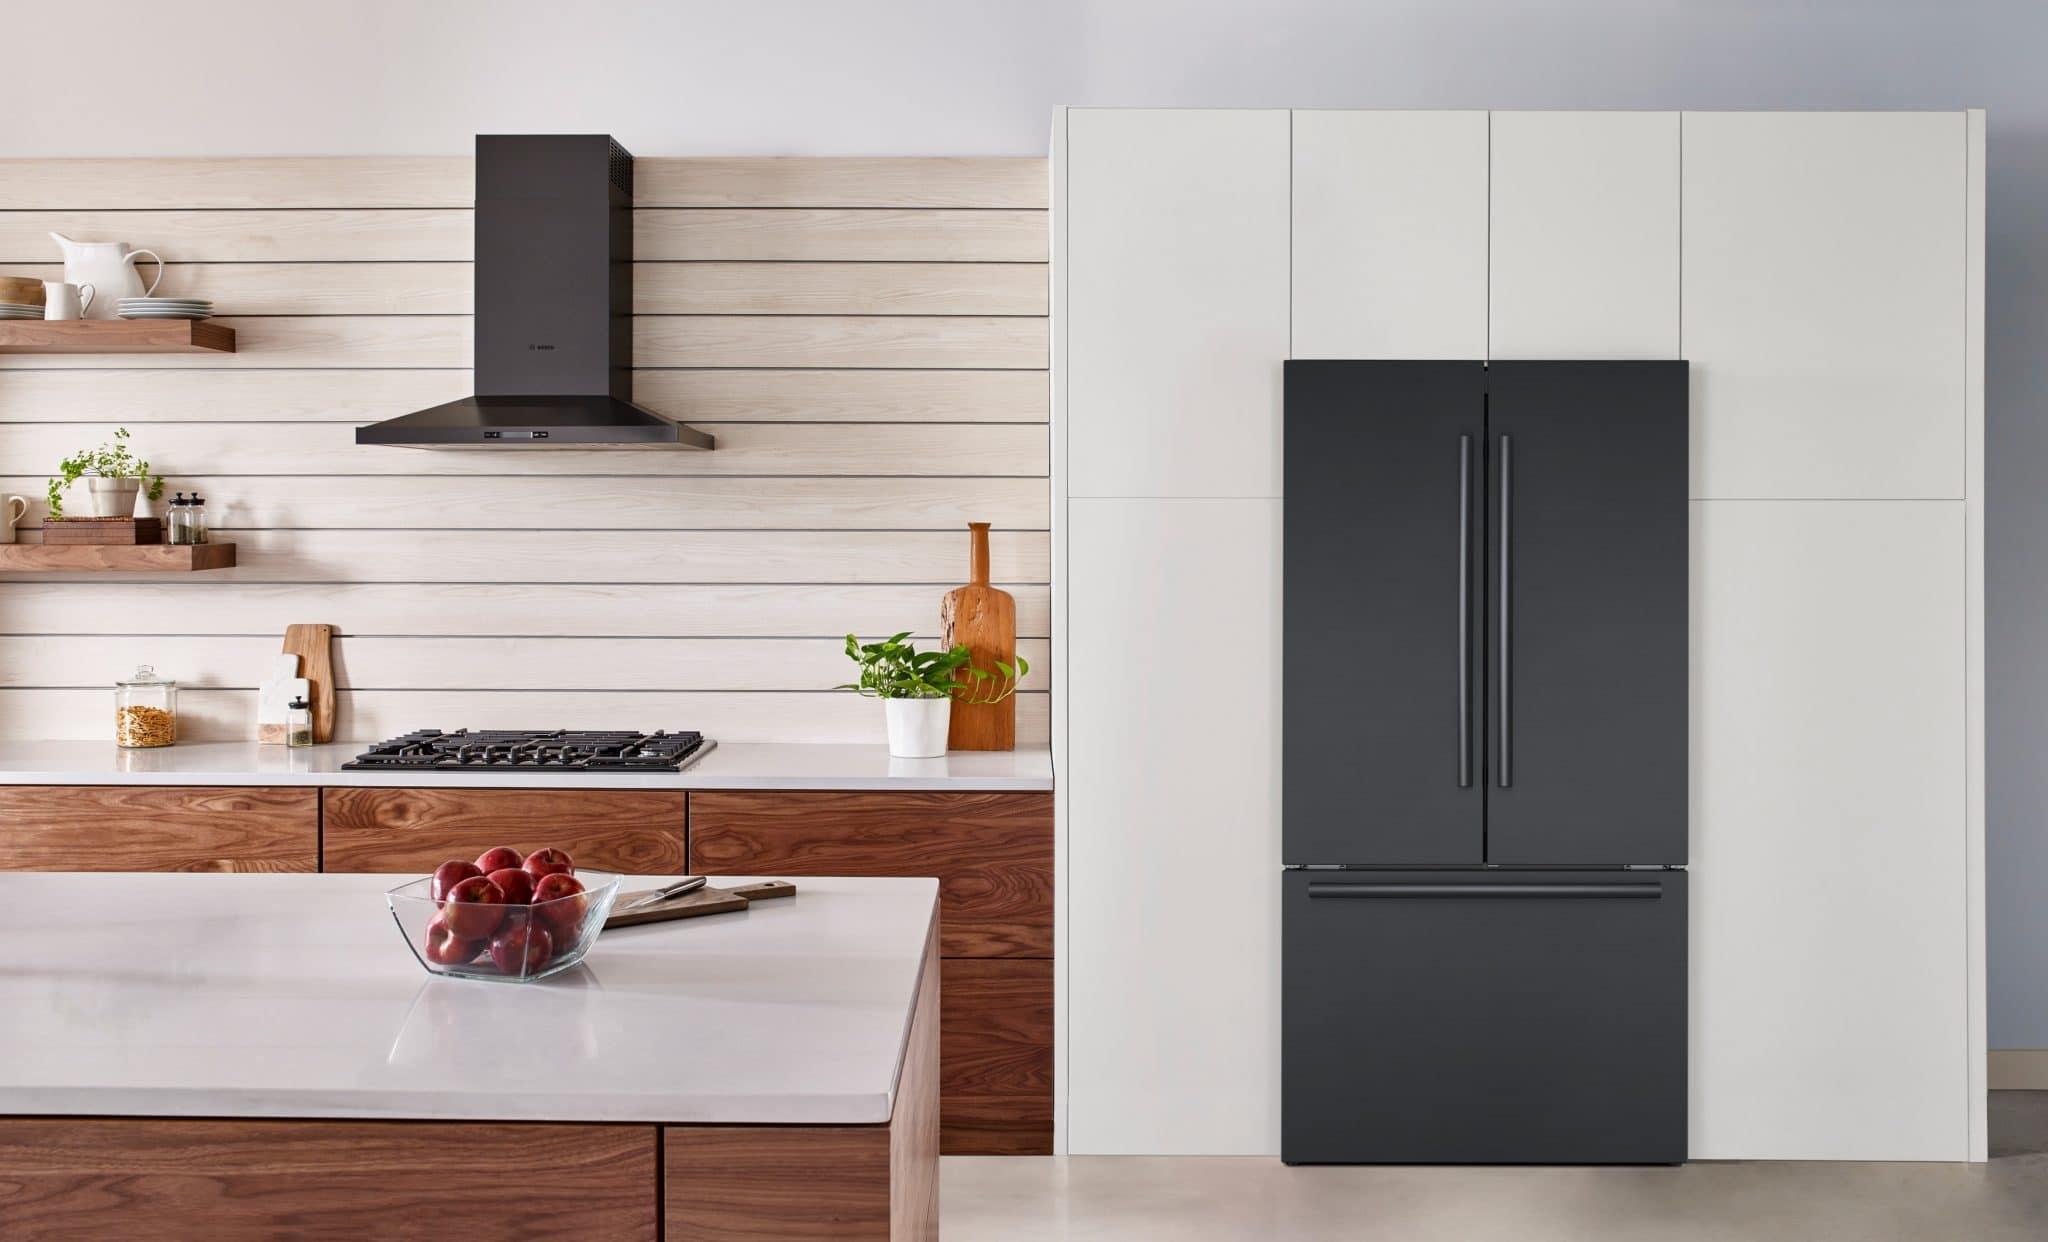 Fresh by Design – Bosch Refrigeration Reinvented